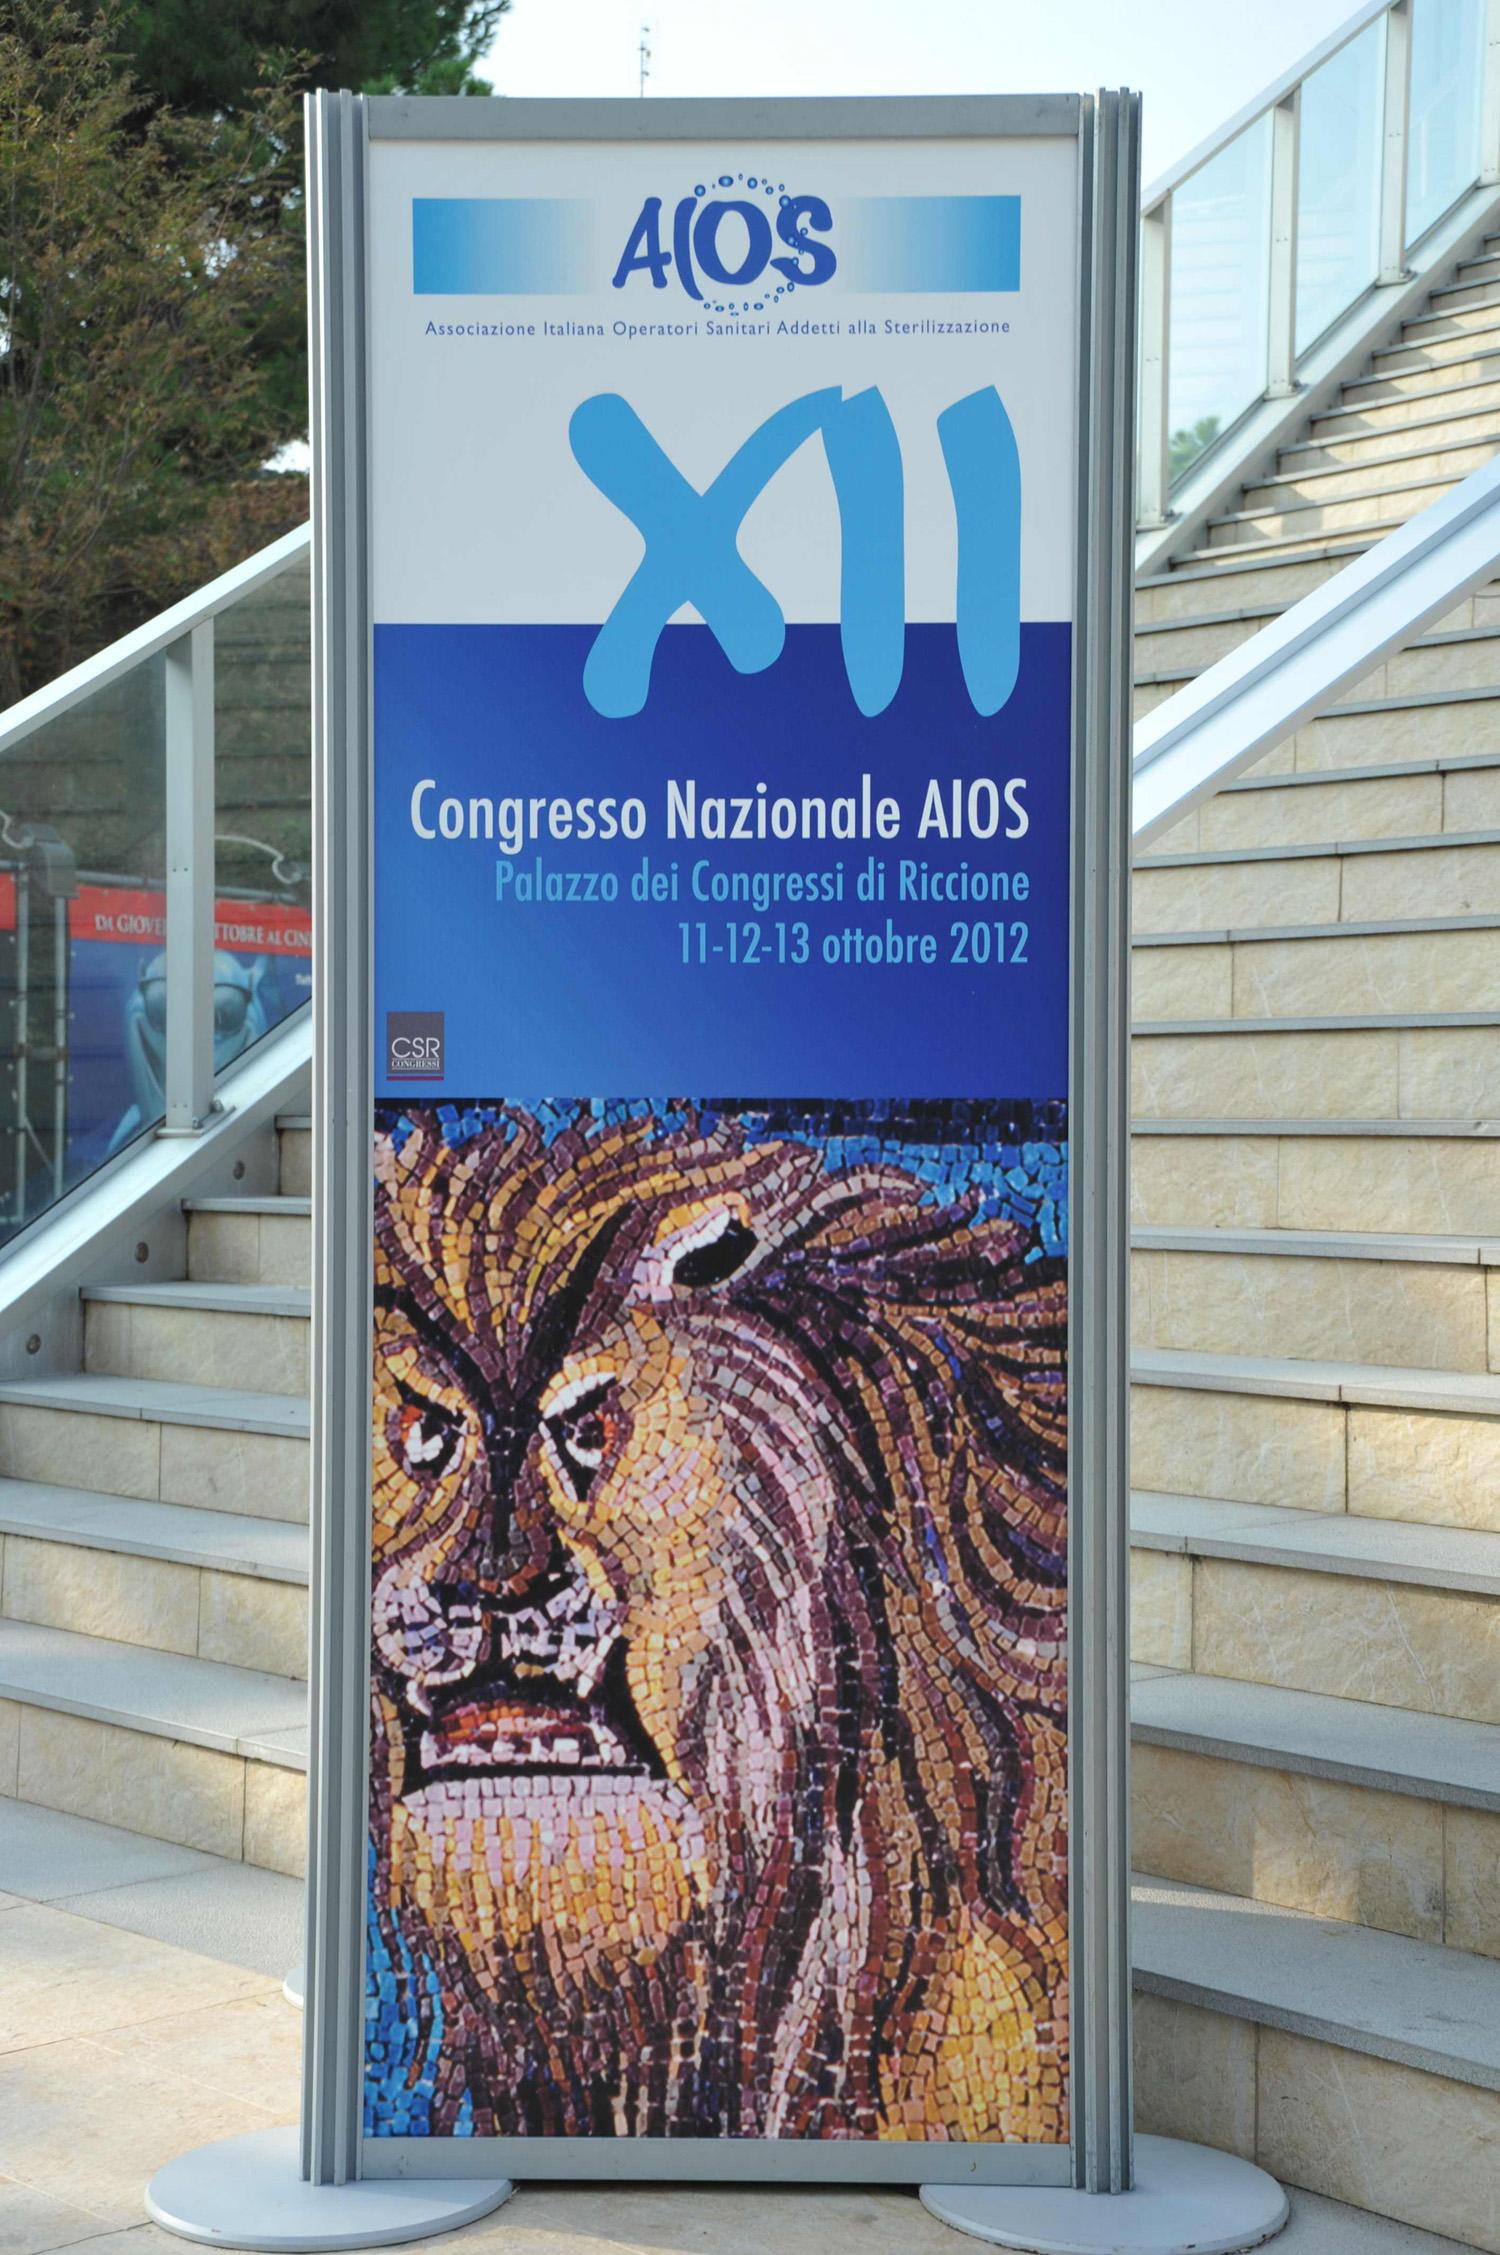 congresso-nazionale-aios-1